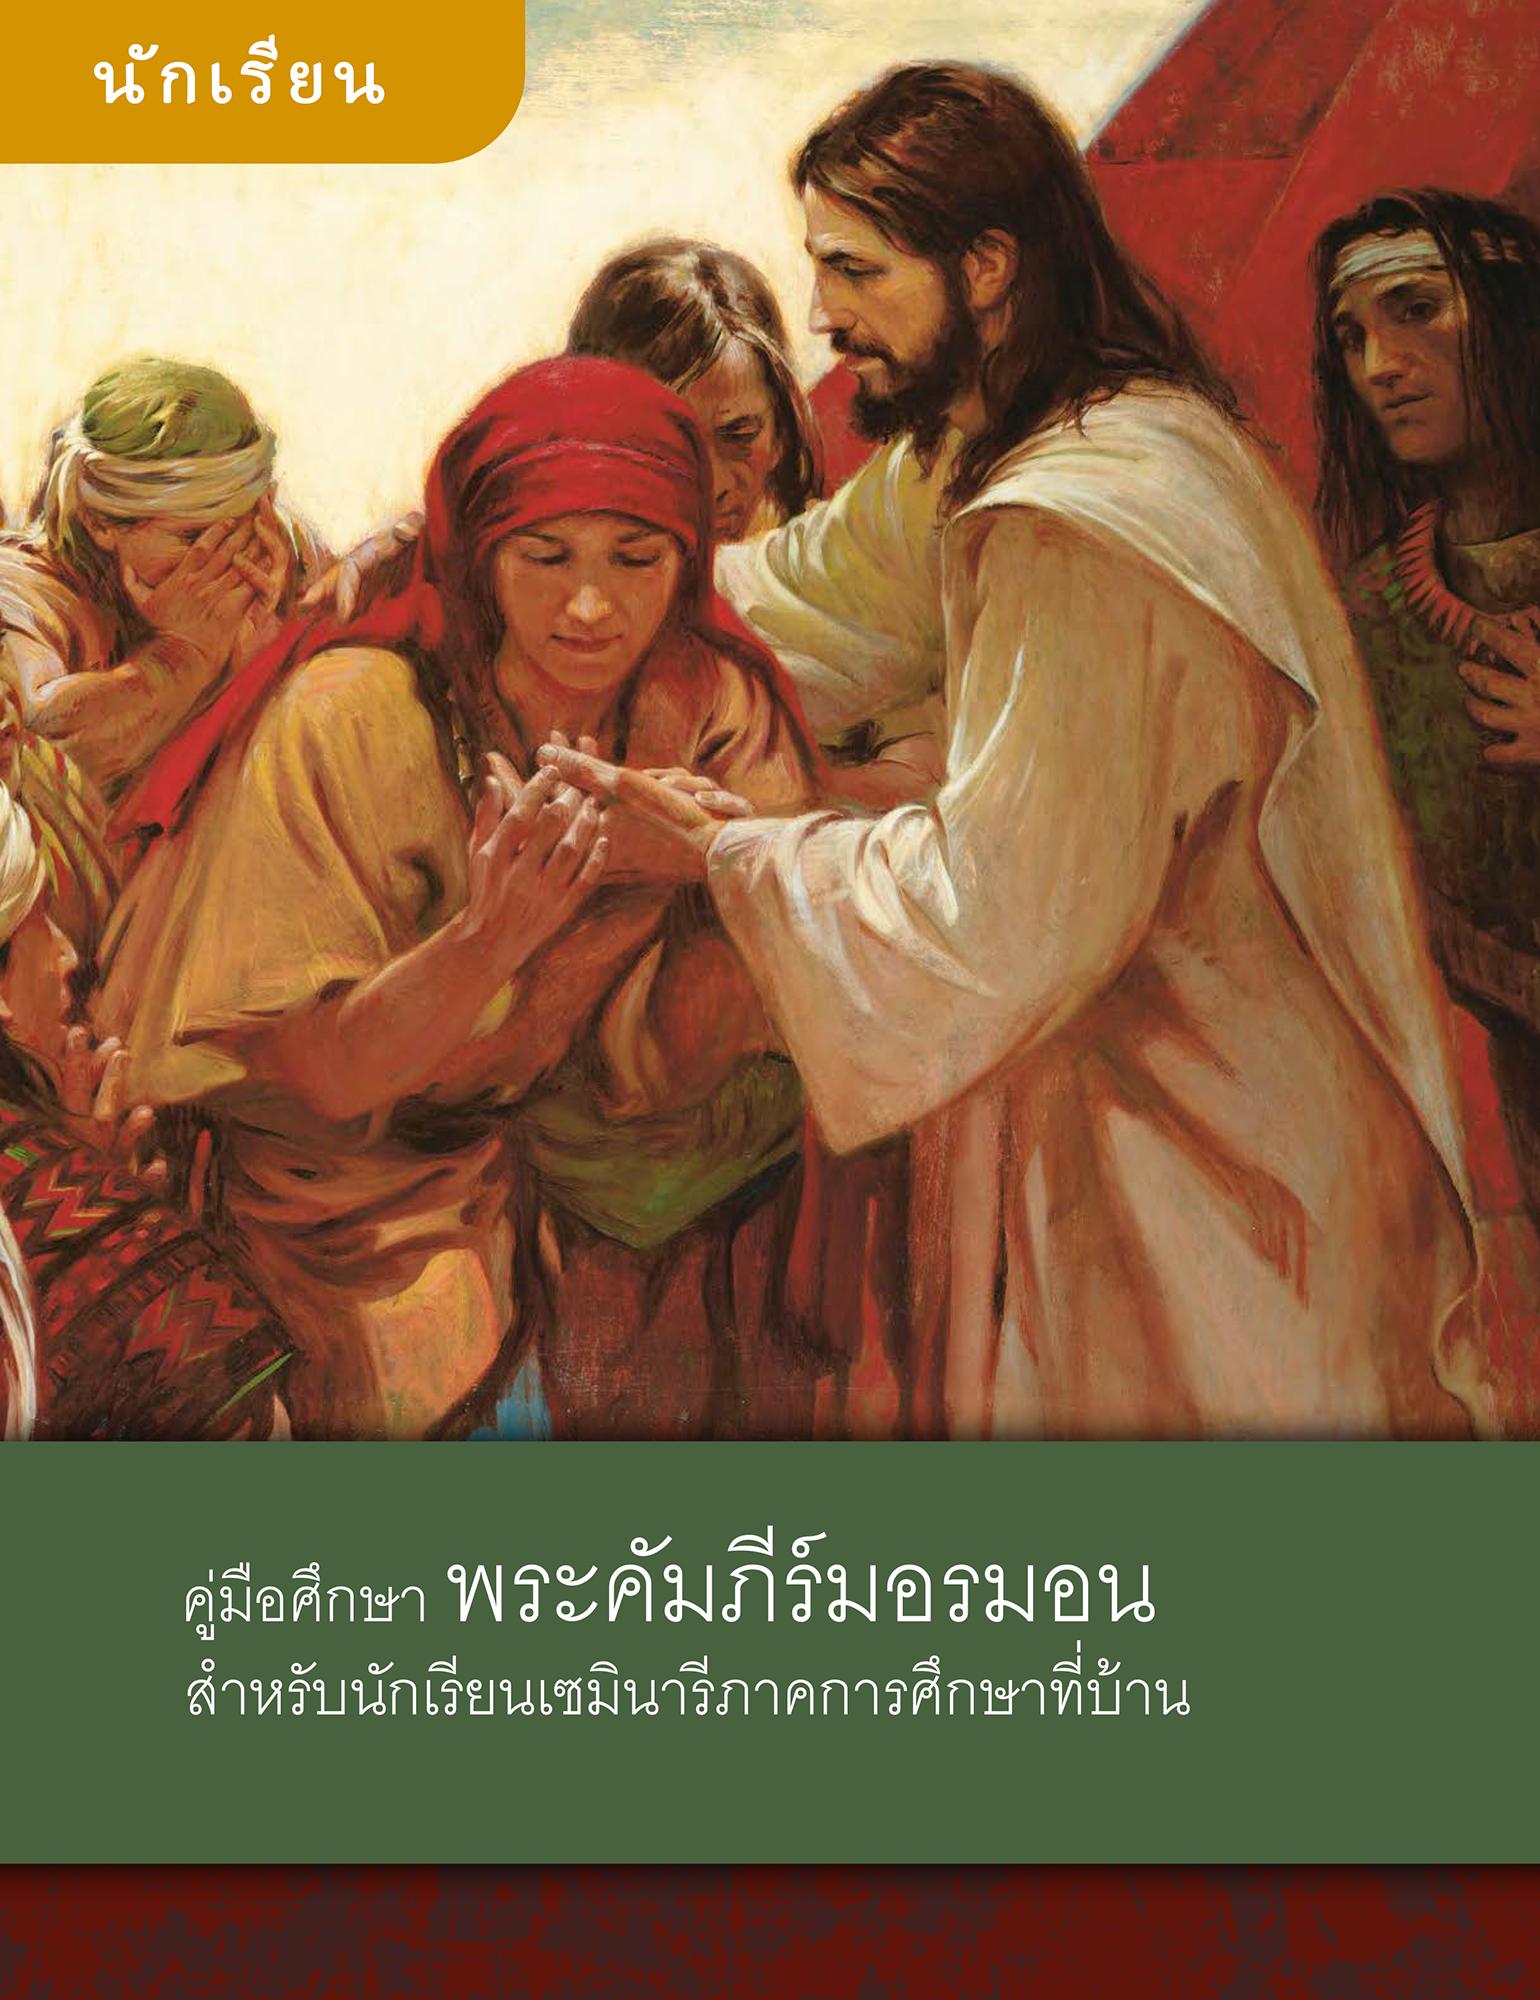 พระคัมภีร์มอรมอน แนวทางศึกษาสำหรับนักเรียนเซมินารีภาคการศึกษาที่บ้าน